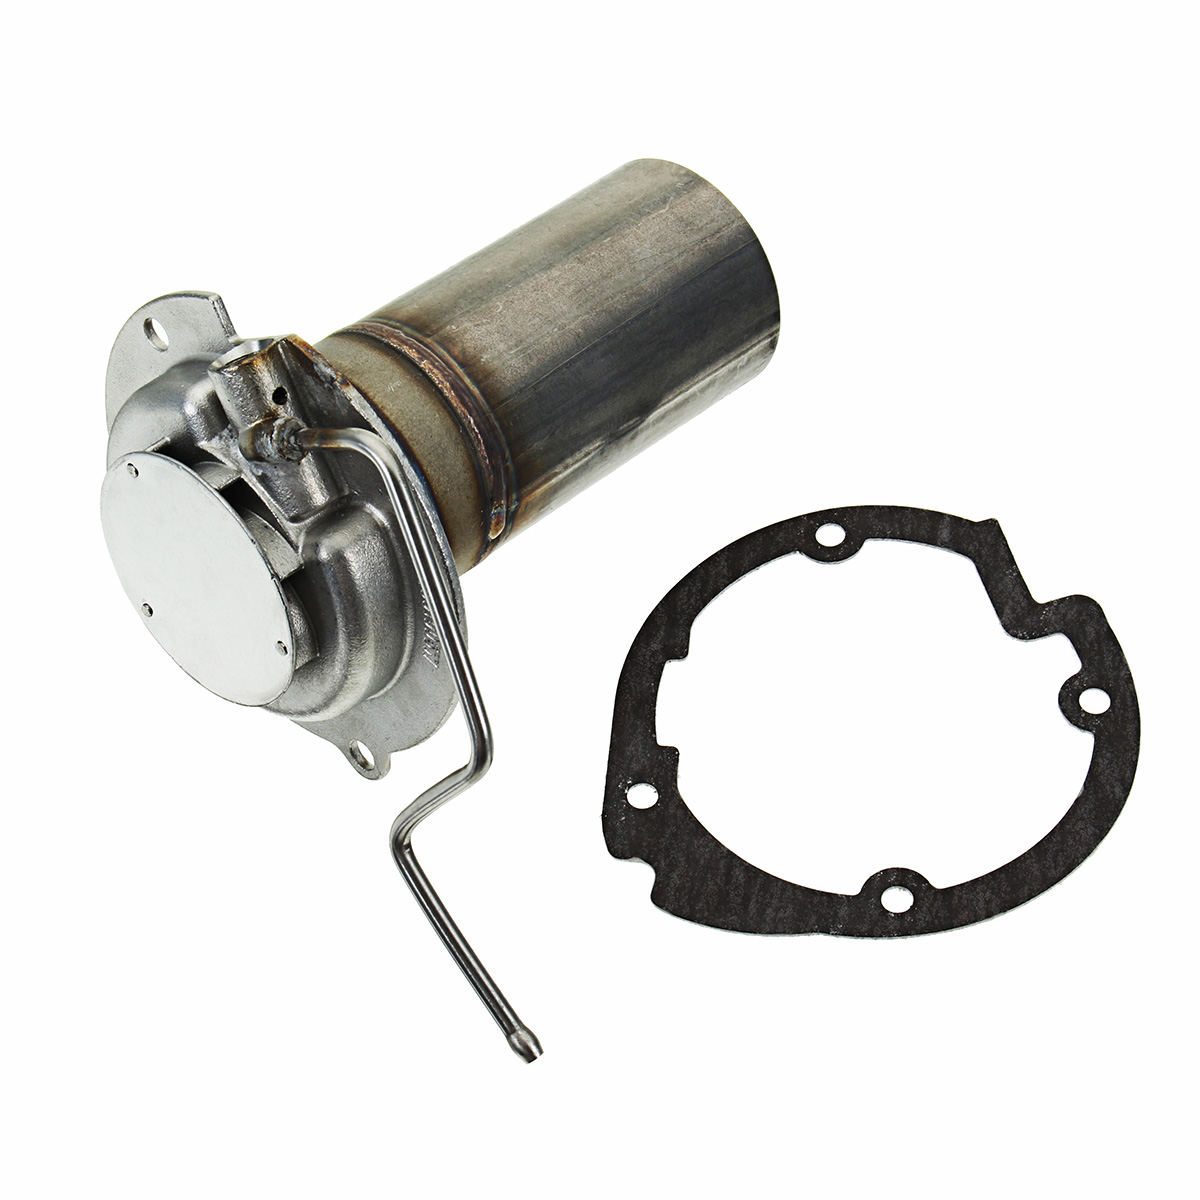 Горелки вставные фонари камеру сгорания с прокладками 252113100100 для Eberspacher Airtronic D4 D4S